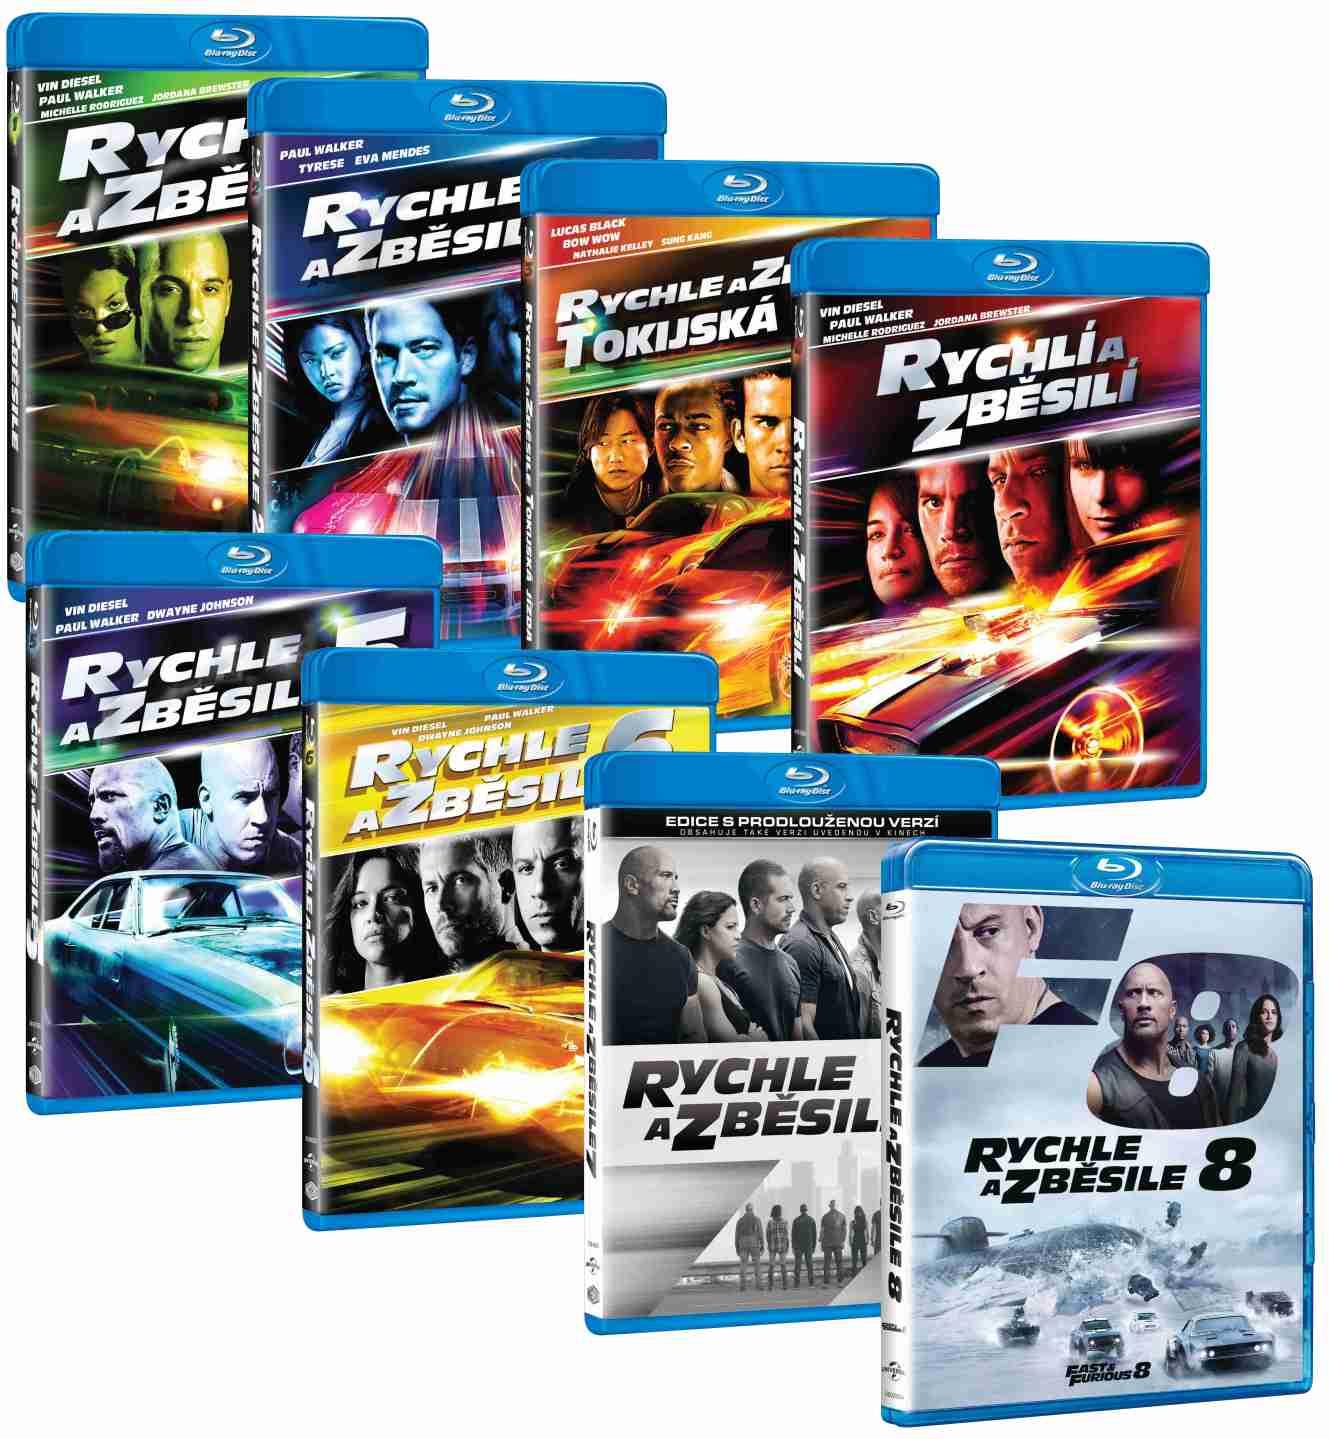 Rychle a zběsile 1-8 kolekce (8 BD) - Blu-ray